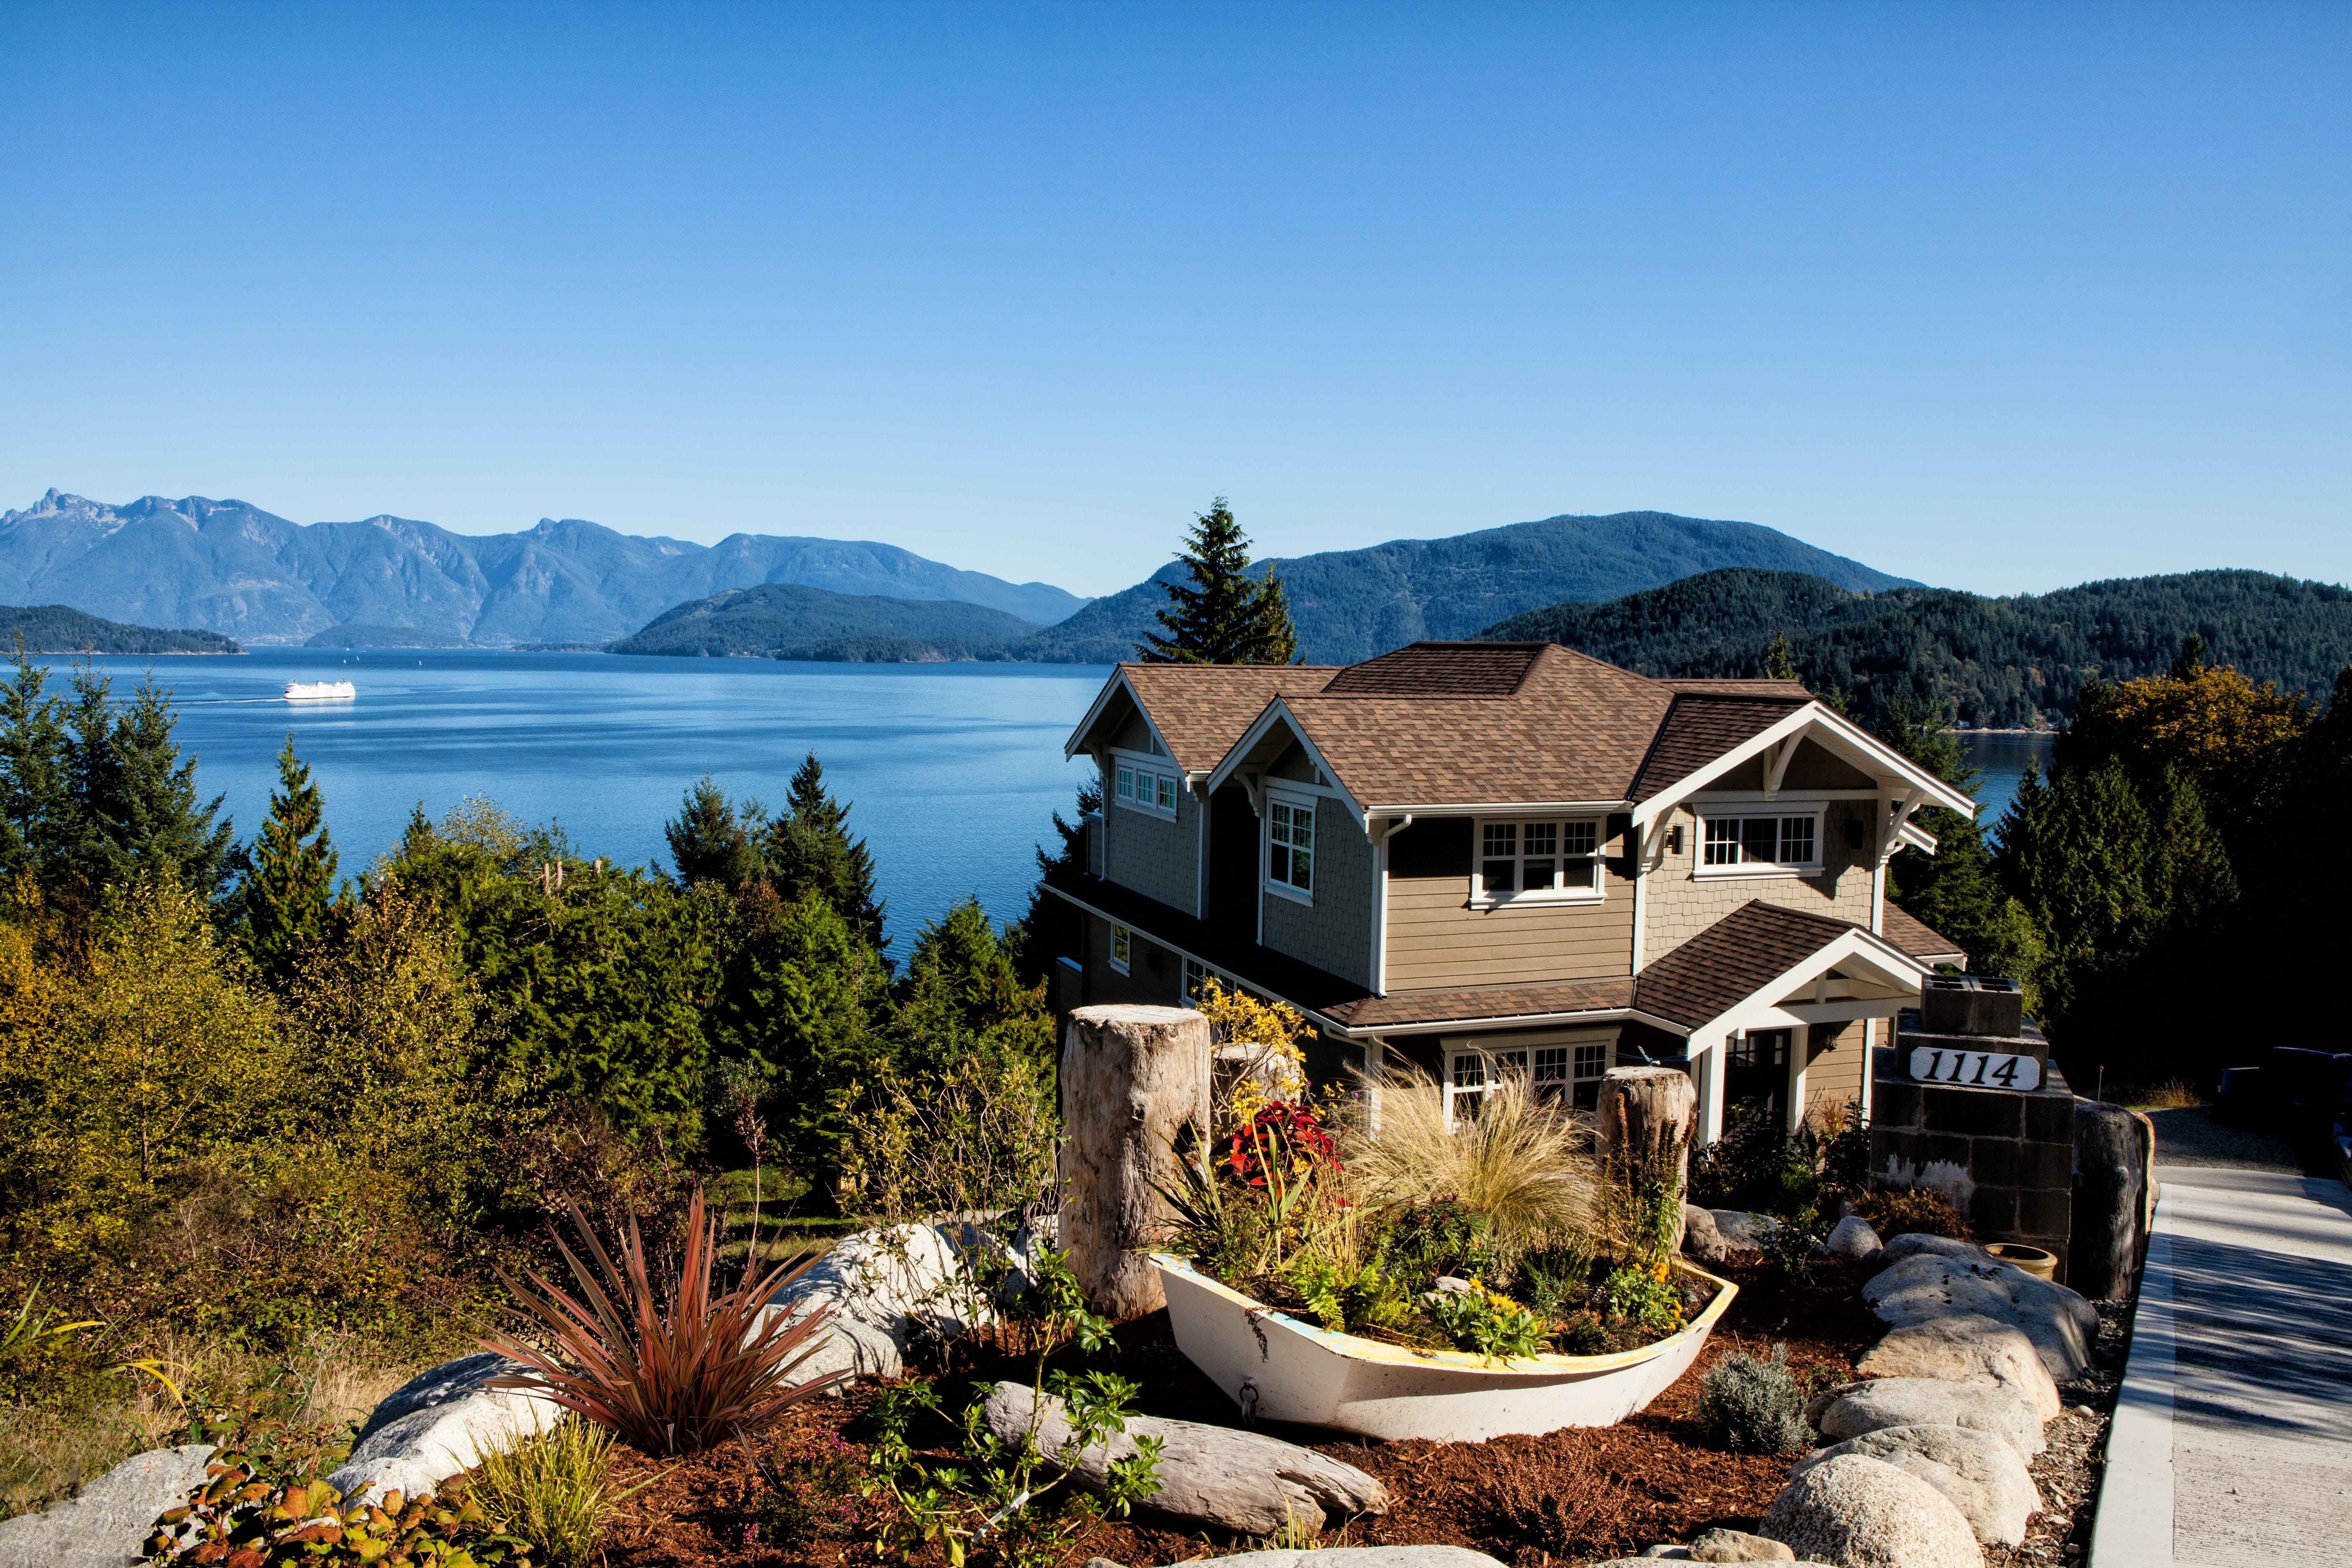 Kostnadsfri bild av anläggning, bergen, himmel, vatten